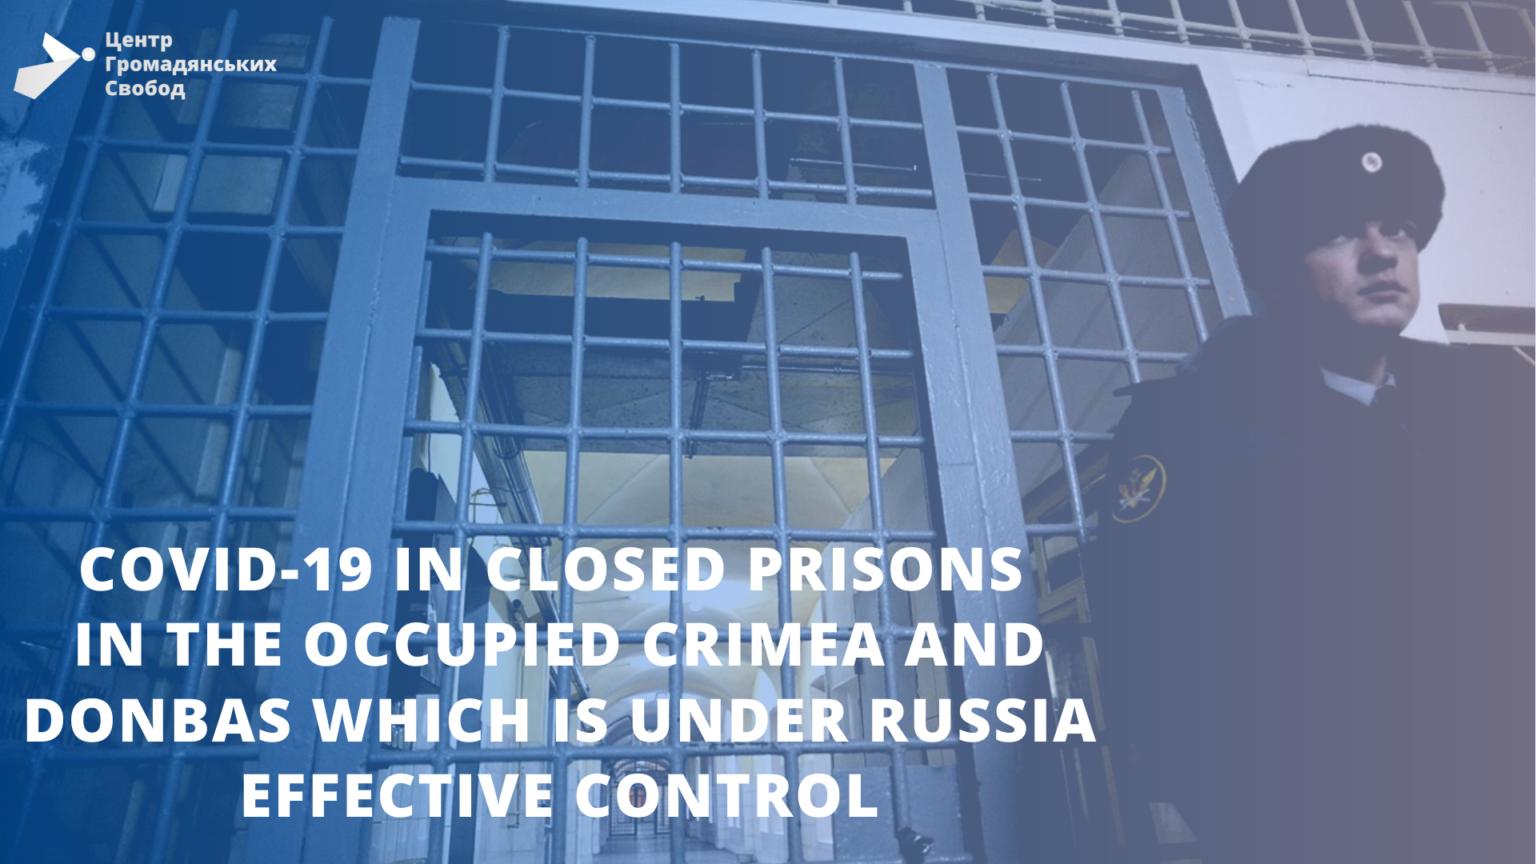 Oświadczenie w sprawie COVID-19 w miejscach pozbawienia wolności na okupowanym przez Rosję Krymie i w kontrolowanym przez Rosję Donbasie